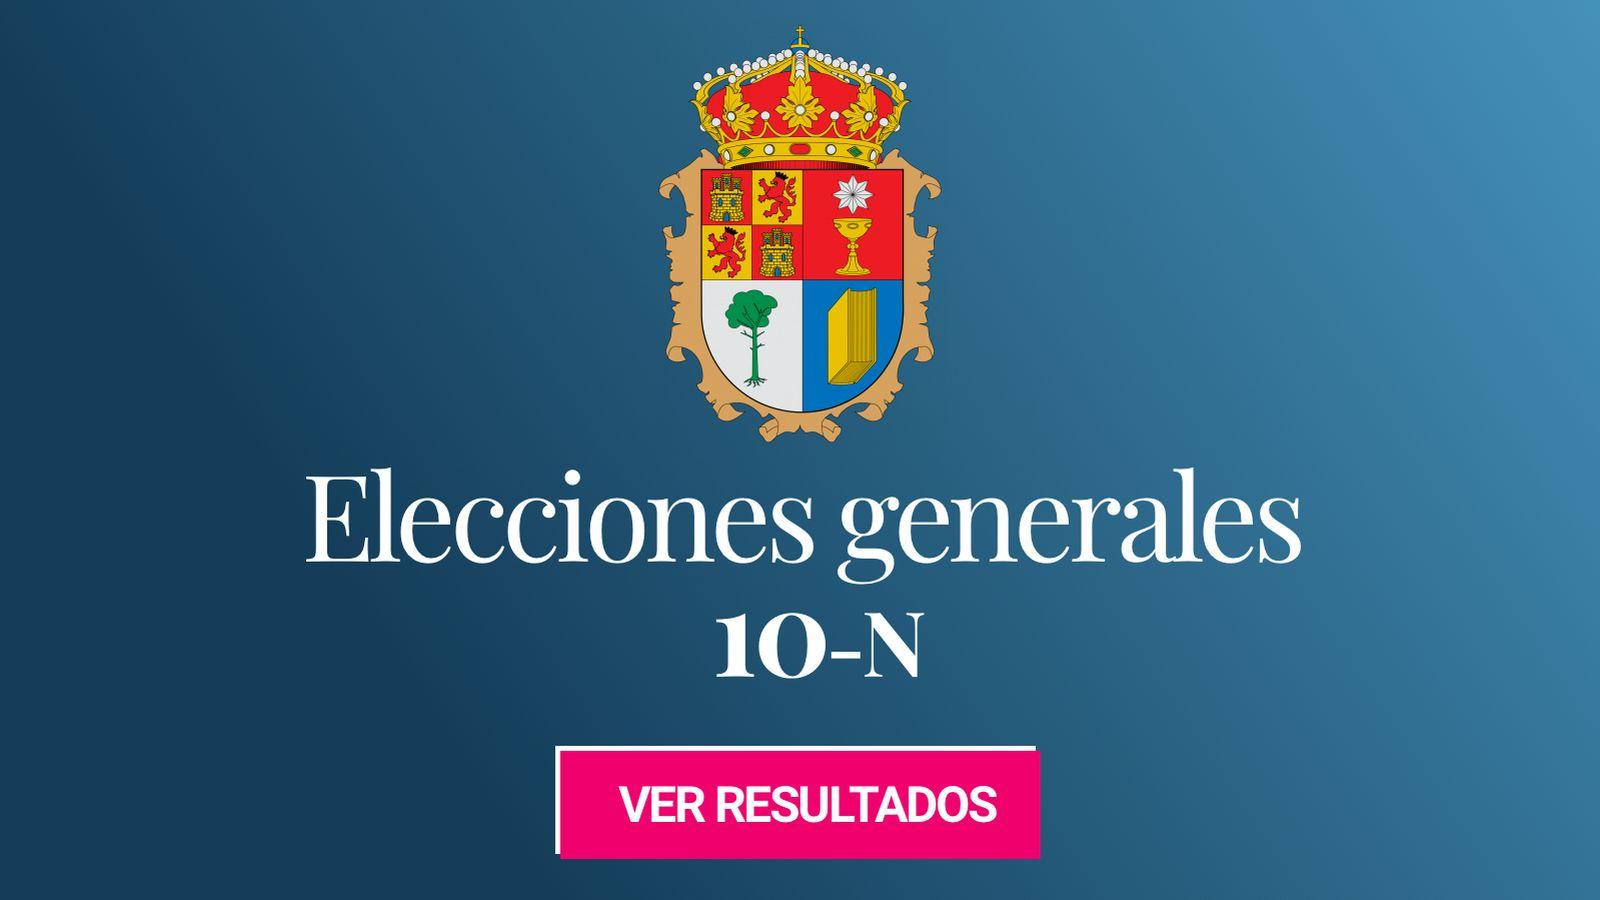 Foto: Elecciones generales 2019 en la provincia de Cuenca. (C.C./HansenBCN)